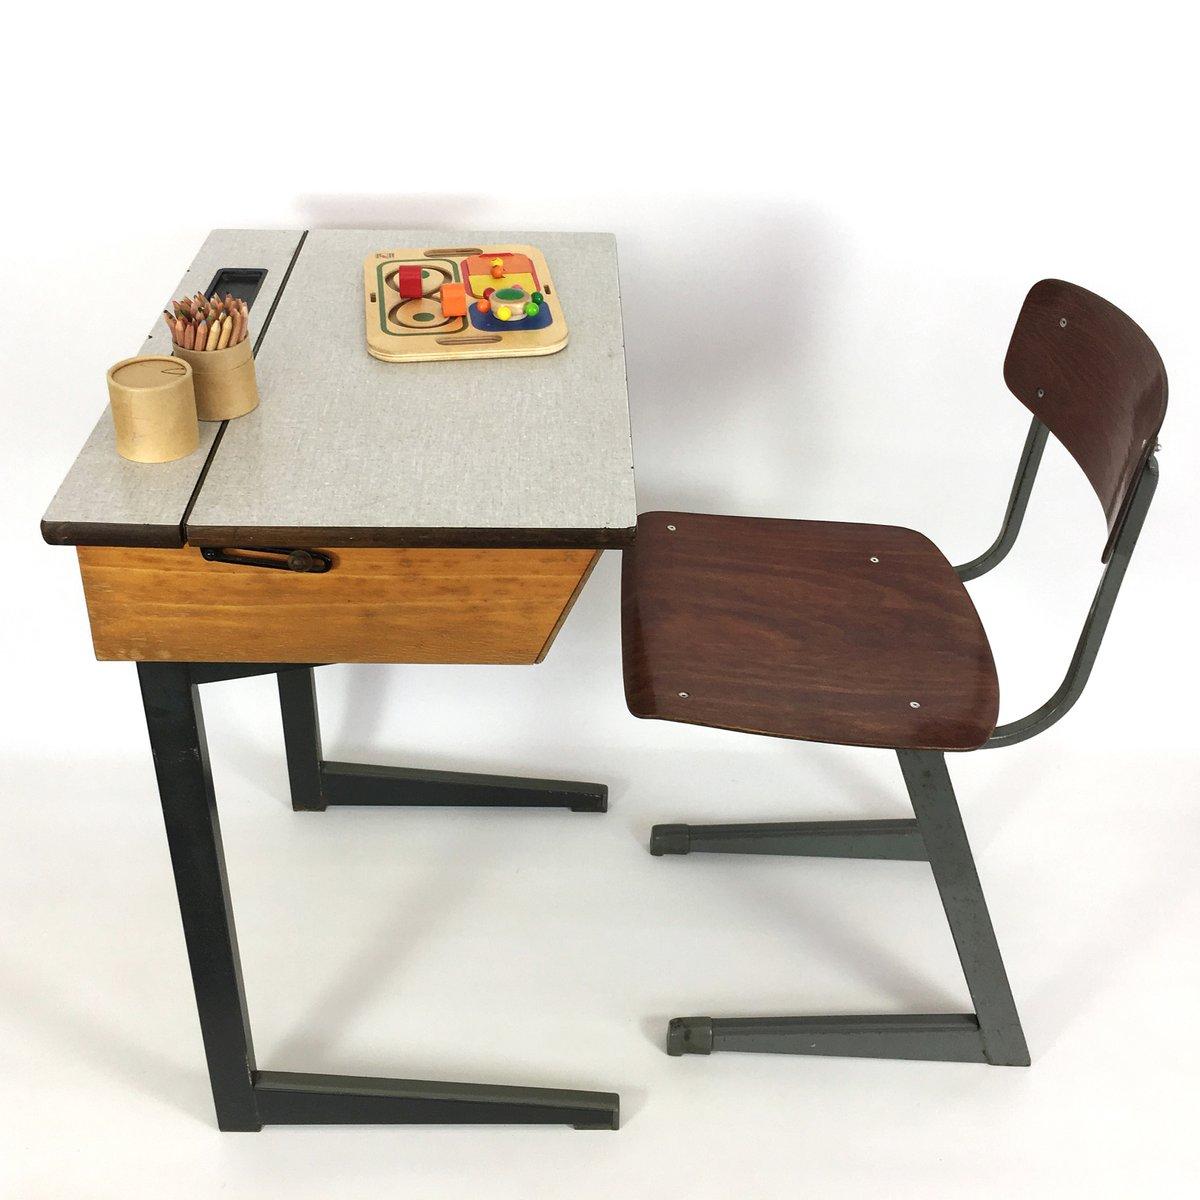 niederl ndischer kinder schreibpult stuhl von friso kramer 1950er bei pamono kaufen. Black Bedroom Furniture Sets. Home Design Ideas